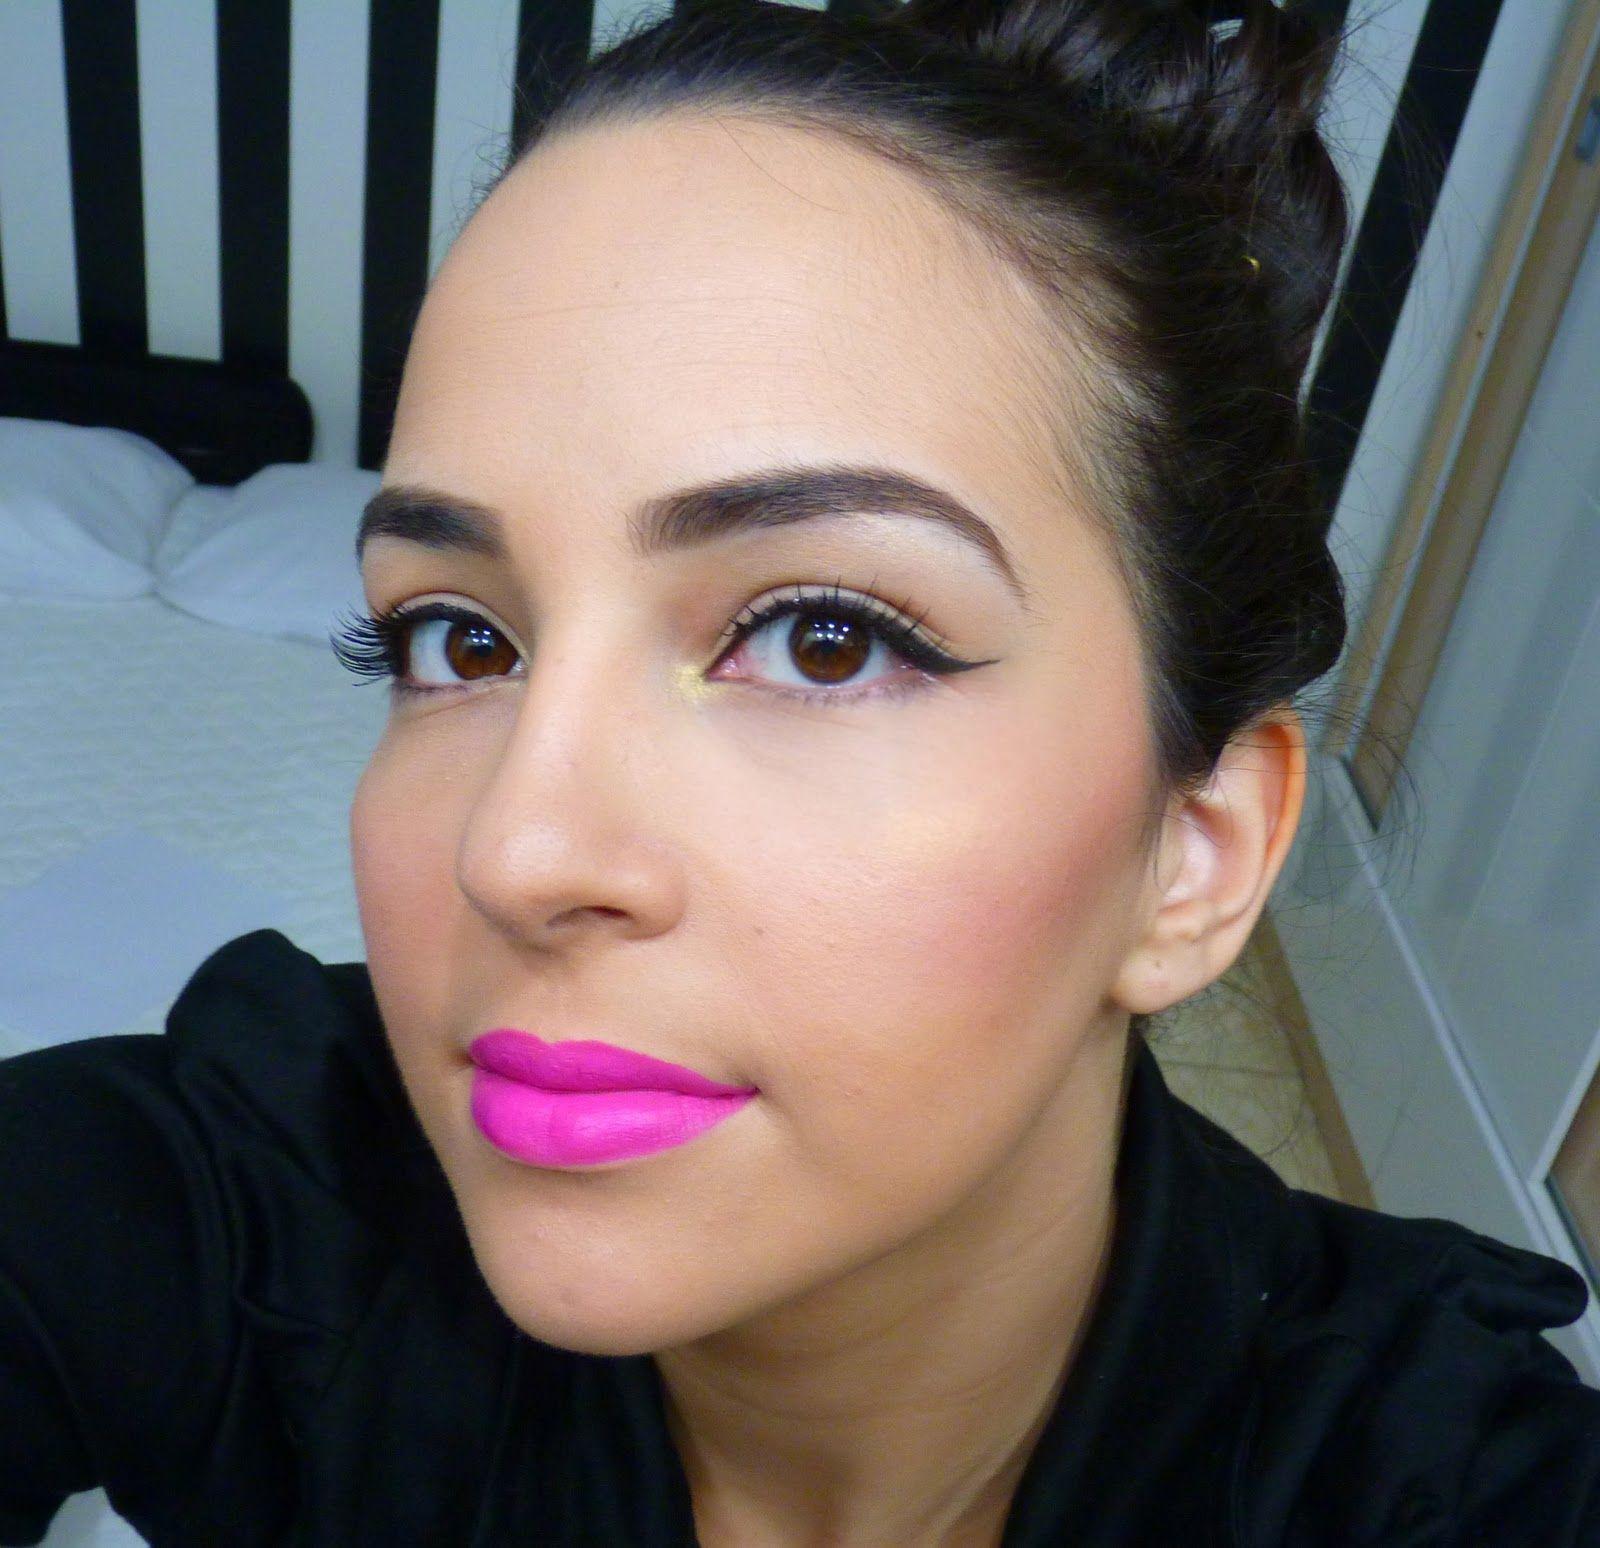 Nyx matte lipstick shocking pink vs sweet pink